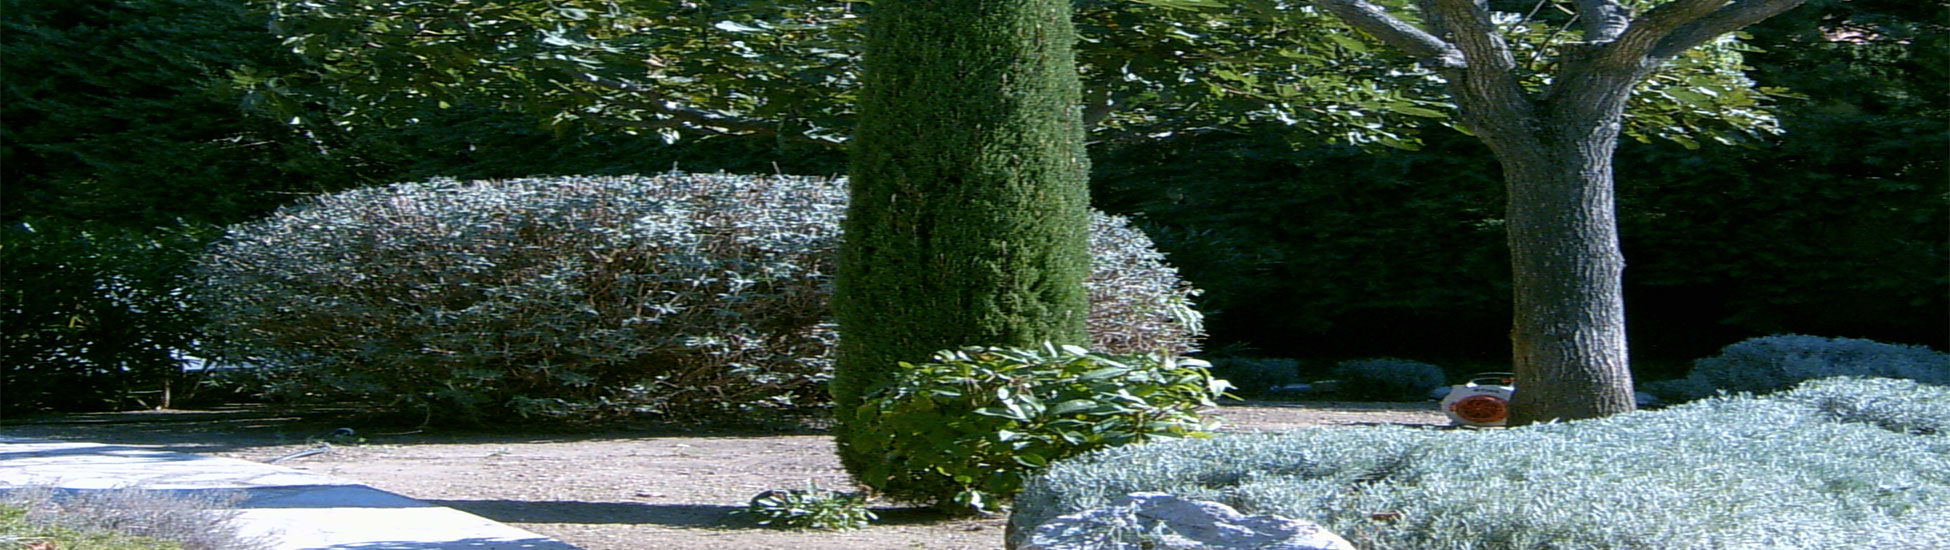 Jardin d 39 eden paysagiste p pini riste argilliers uz s for Tva entretien espaces verts 2015